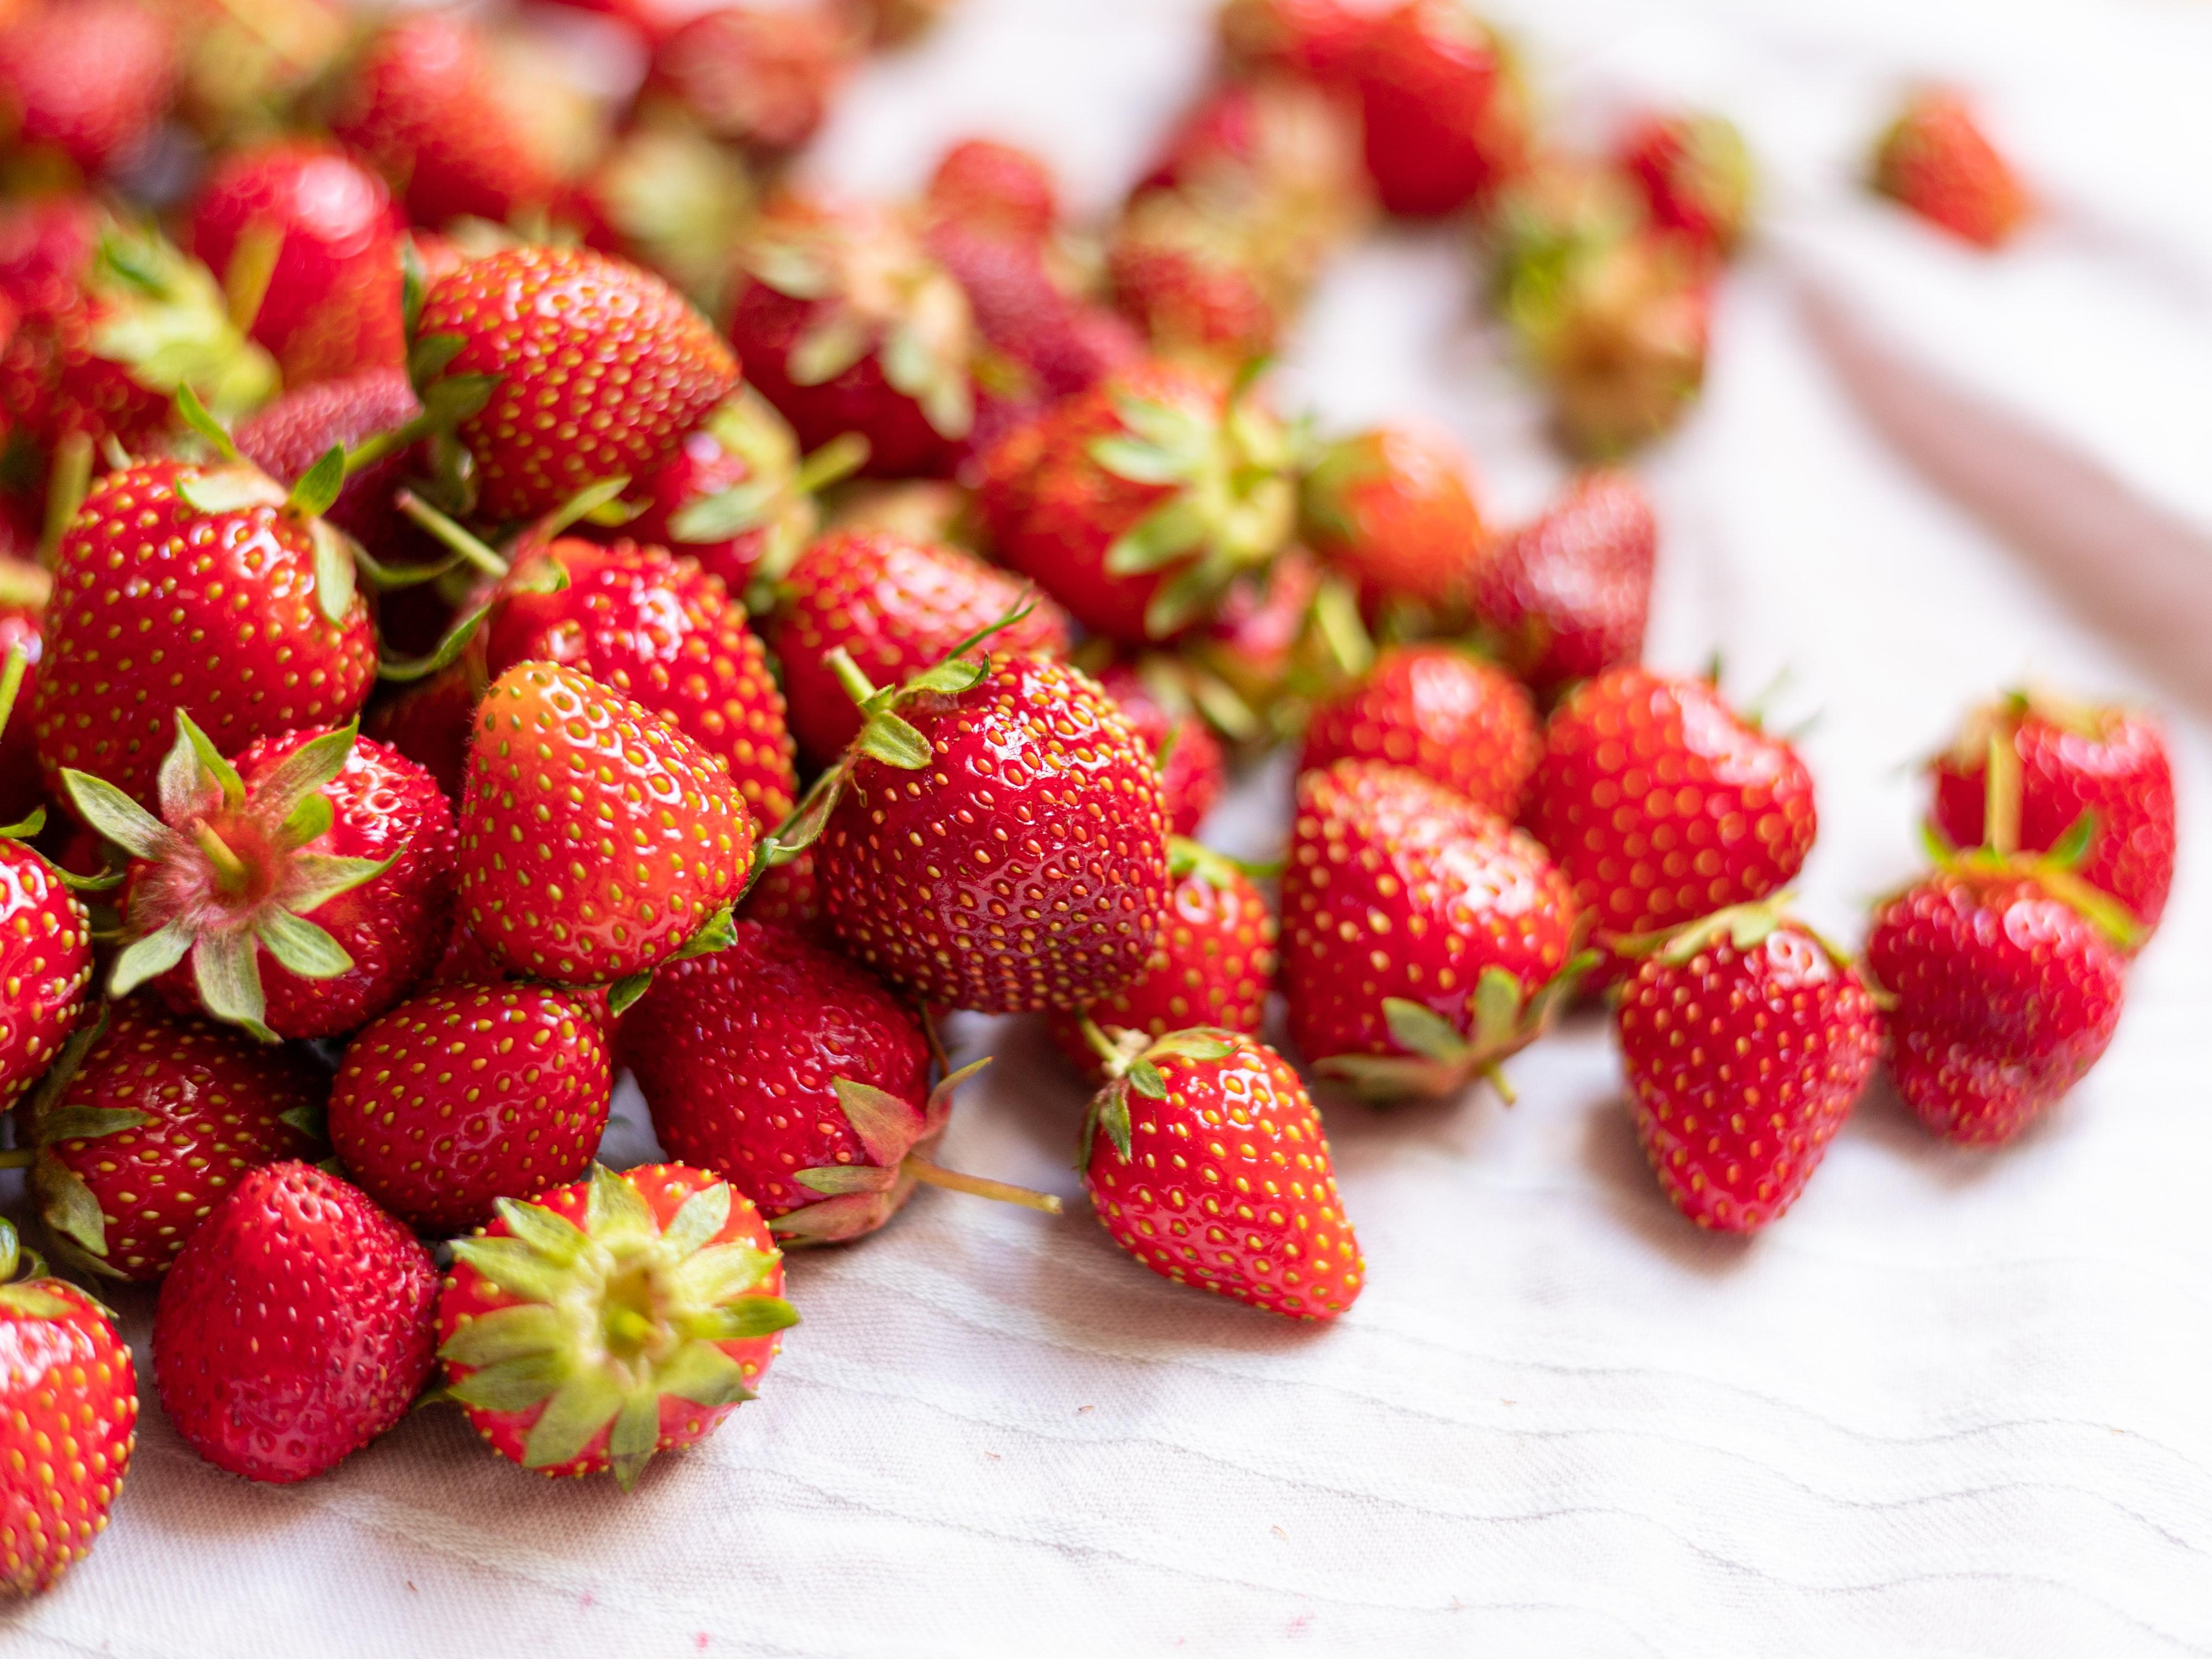 que alimentos son antioxidantes,el mayor antioxidante de la naturaleza,alimentos antioxidantes antienvejecimiento,el mejor antioxidante en cápsulas,herbolario online,antioxidantes de herbolario